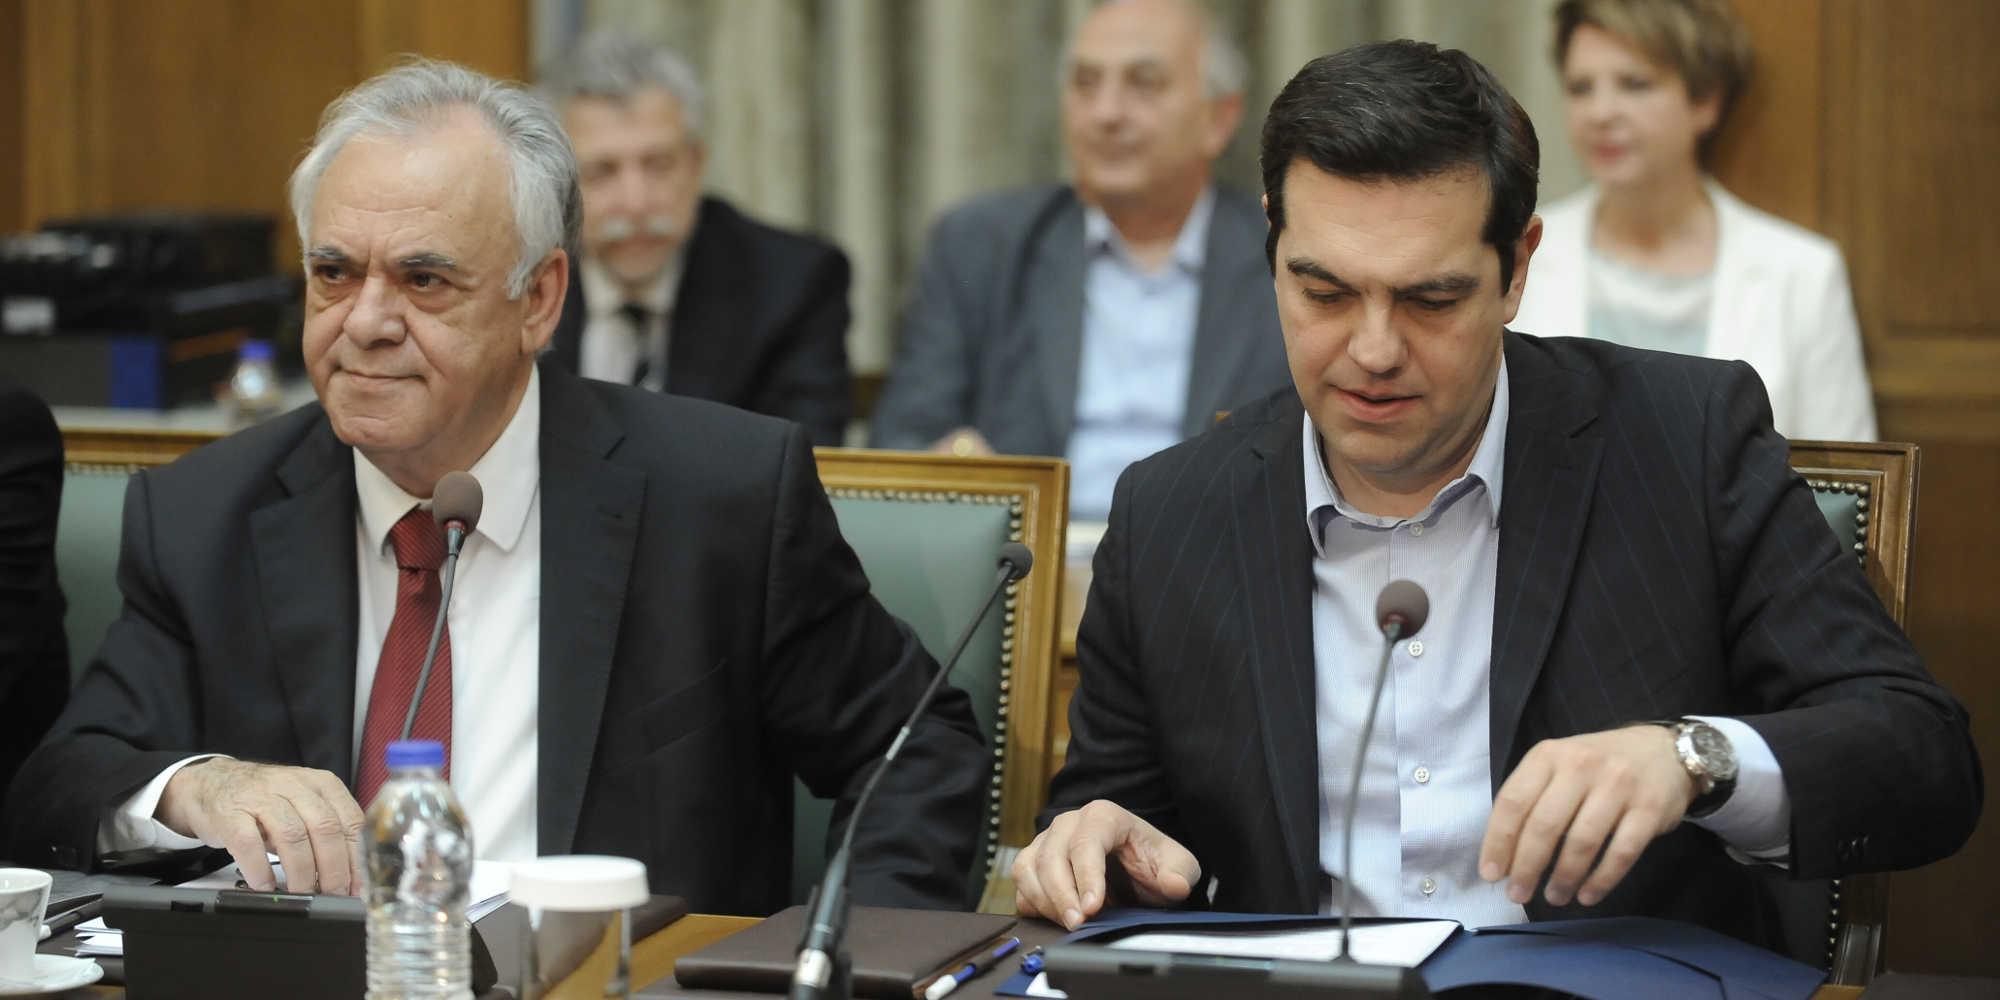 http://www.eleftherostypos.gr/wp-content/uploads/2016/10/tsipras-1000-1.jpg